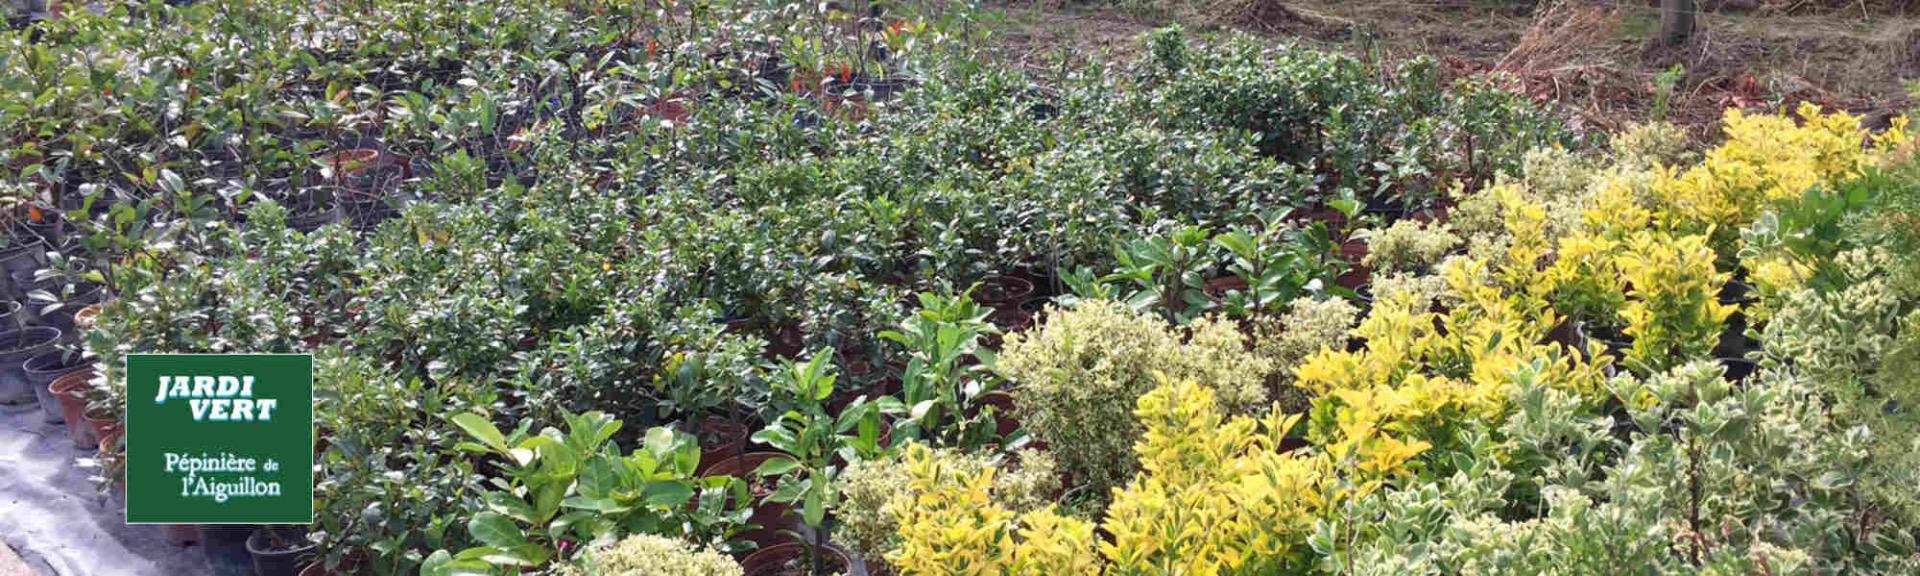 Vente de haie en jeune plants en containers - Pépinière de l'Aiguillon jardinerie à Toulouse